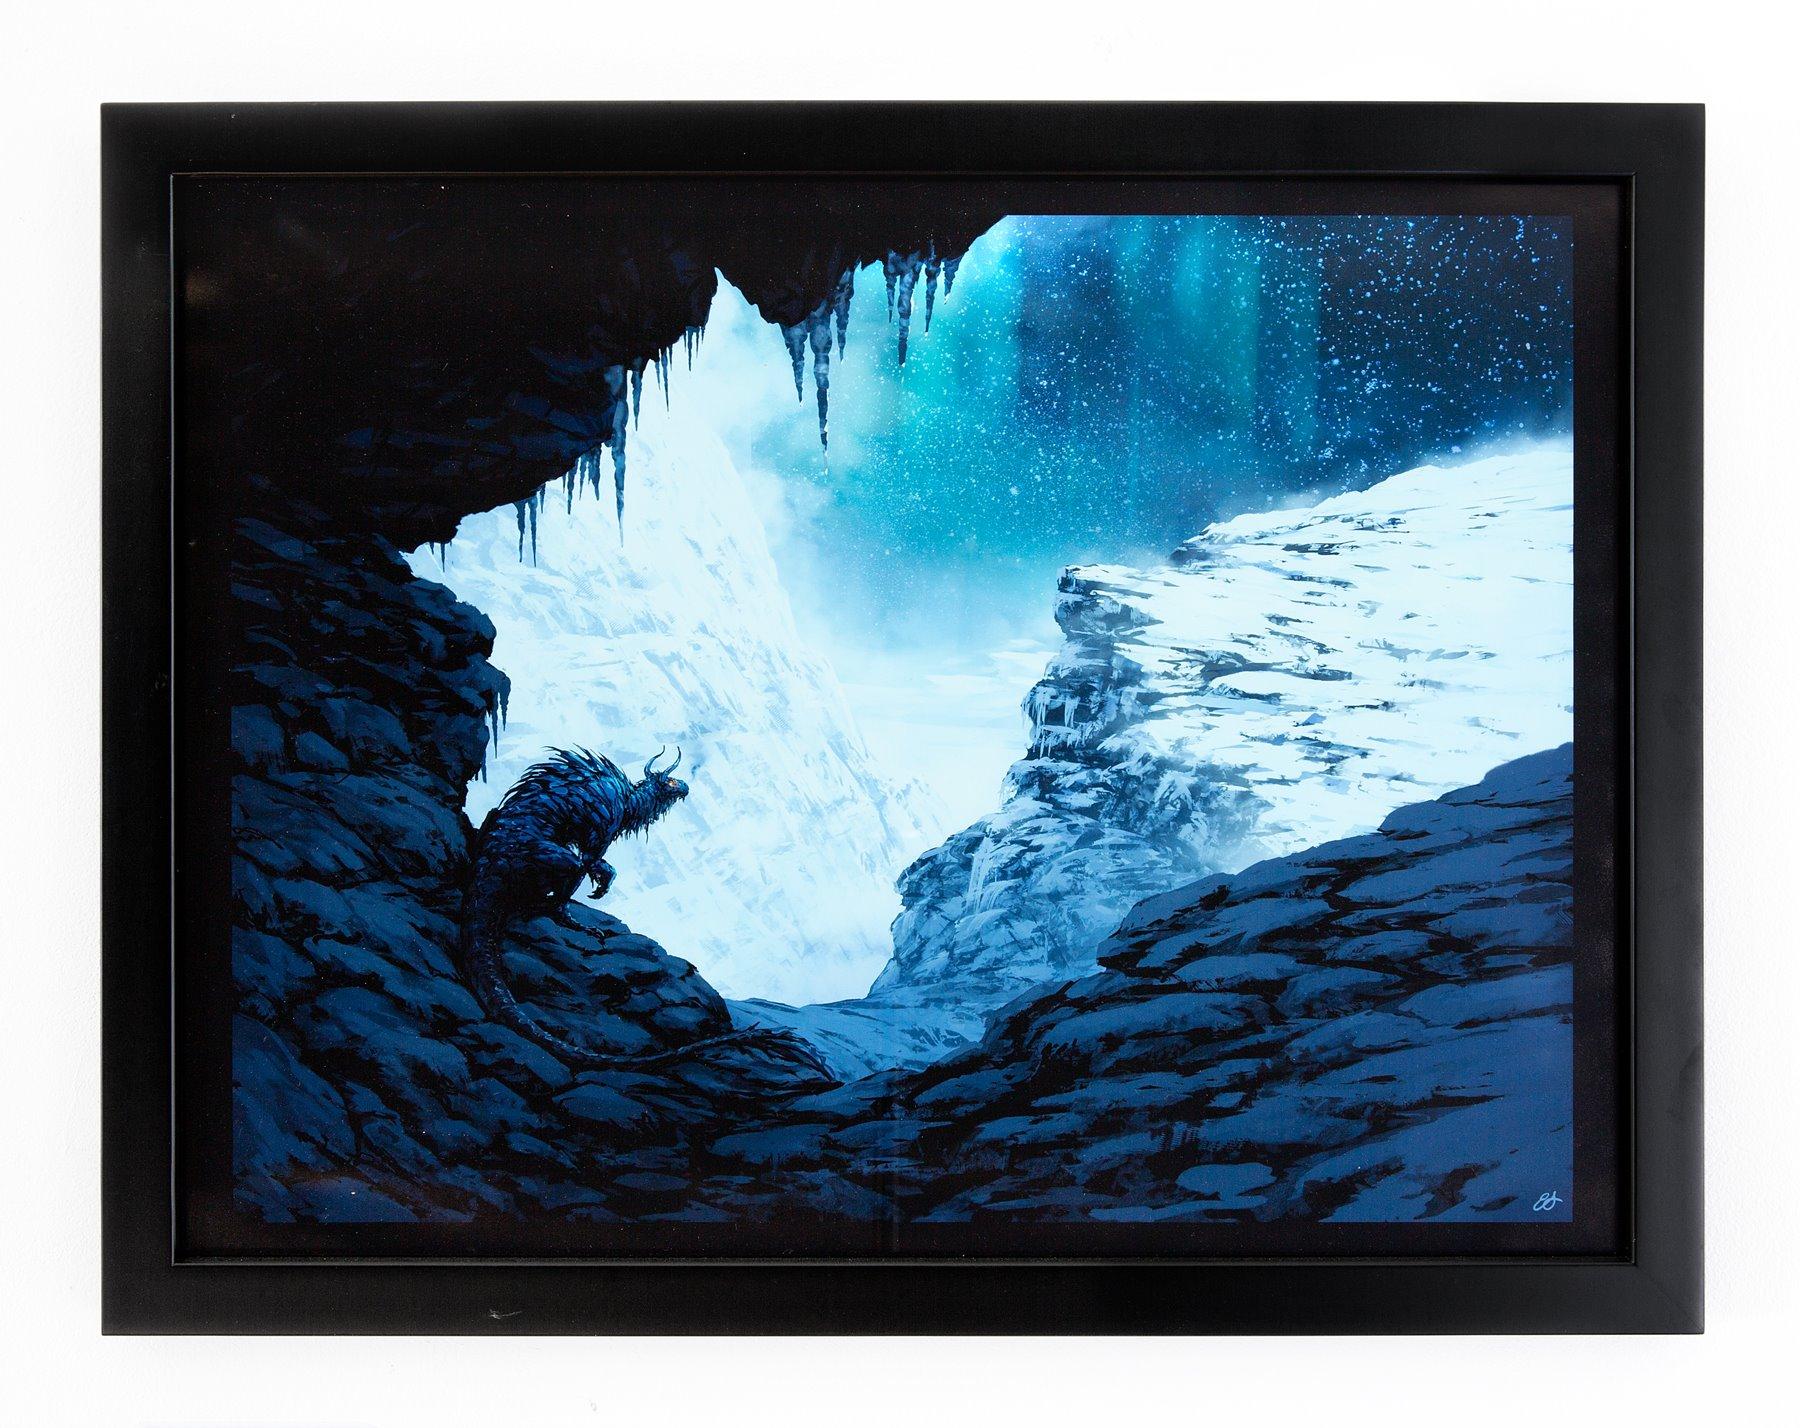 """Eben Schumacher - """"Mountain Dragon"""" Insta: @eben.schumacher.art  For Sale: $150"""